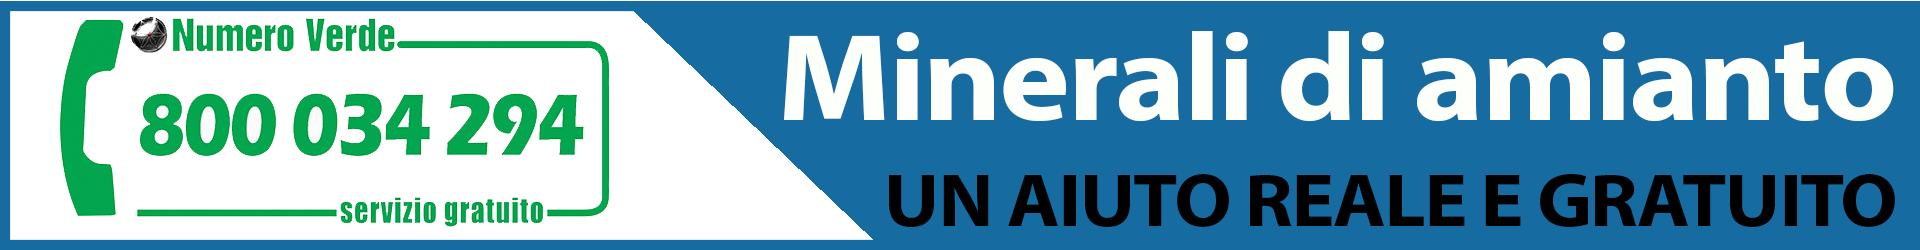 Minerali di amianto